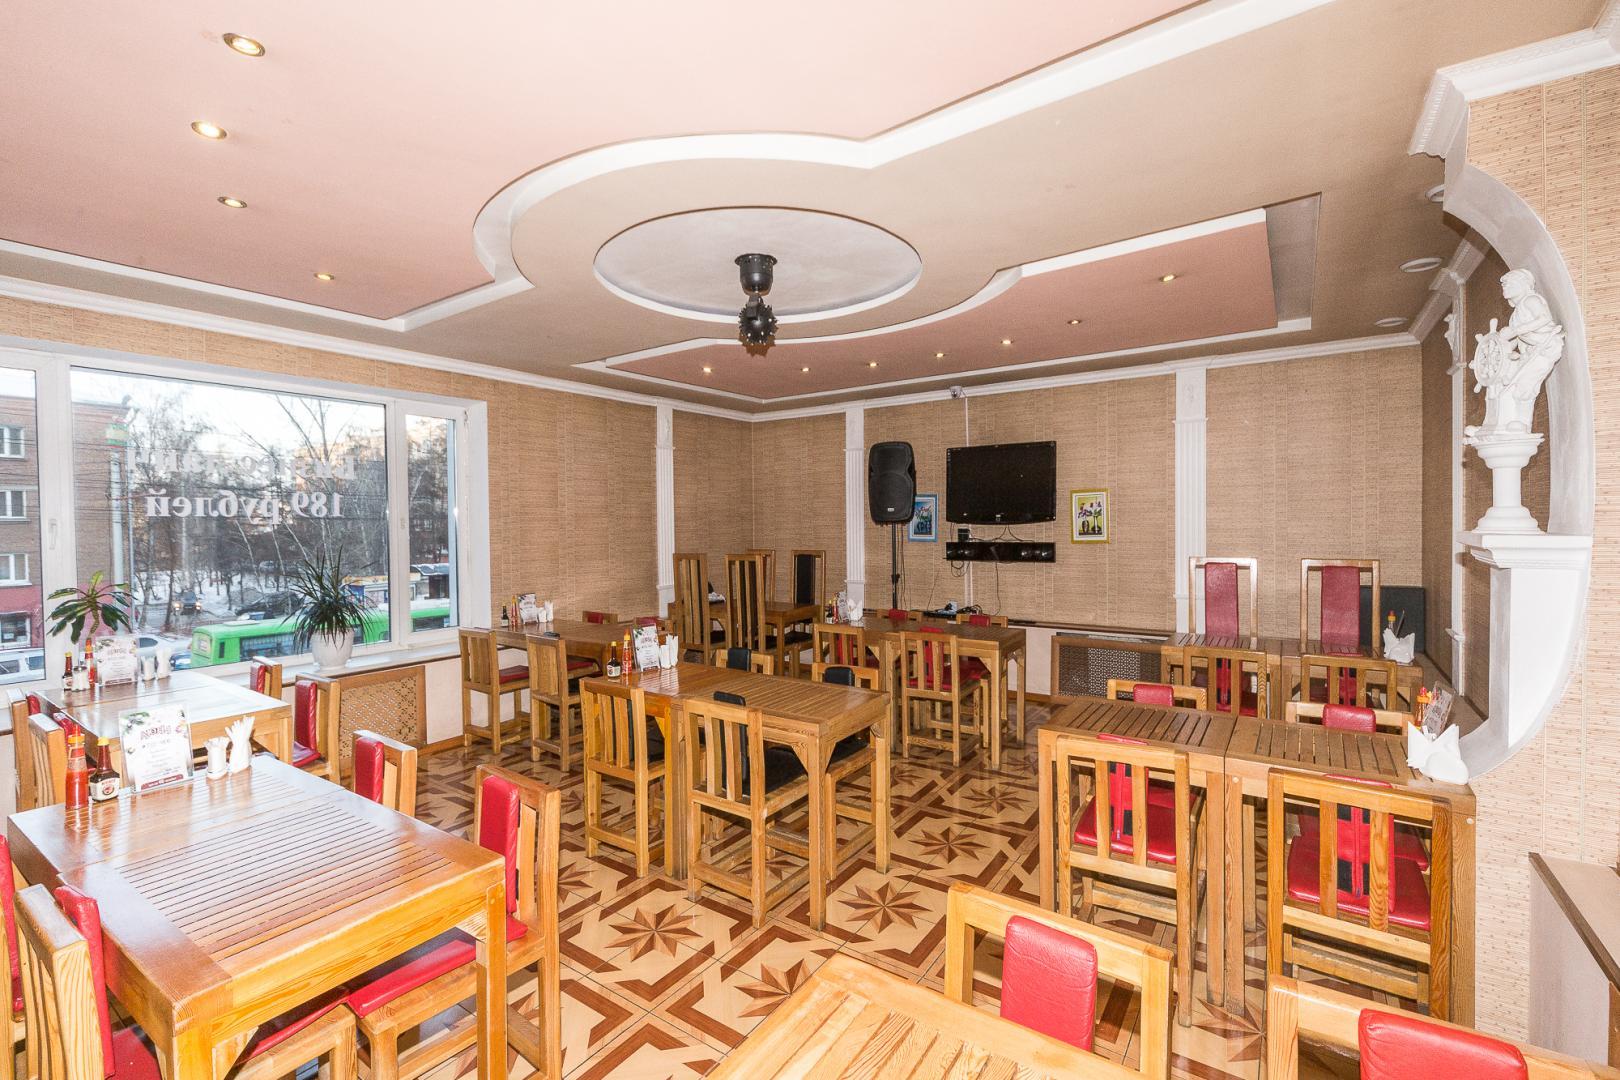 Public Catering на продажу по адресу Россия, Иркутская область, городской округ Иркутск, Иркутск, Советская улица, 178Б